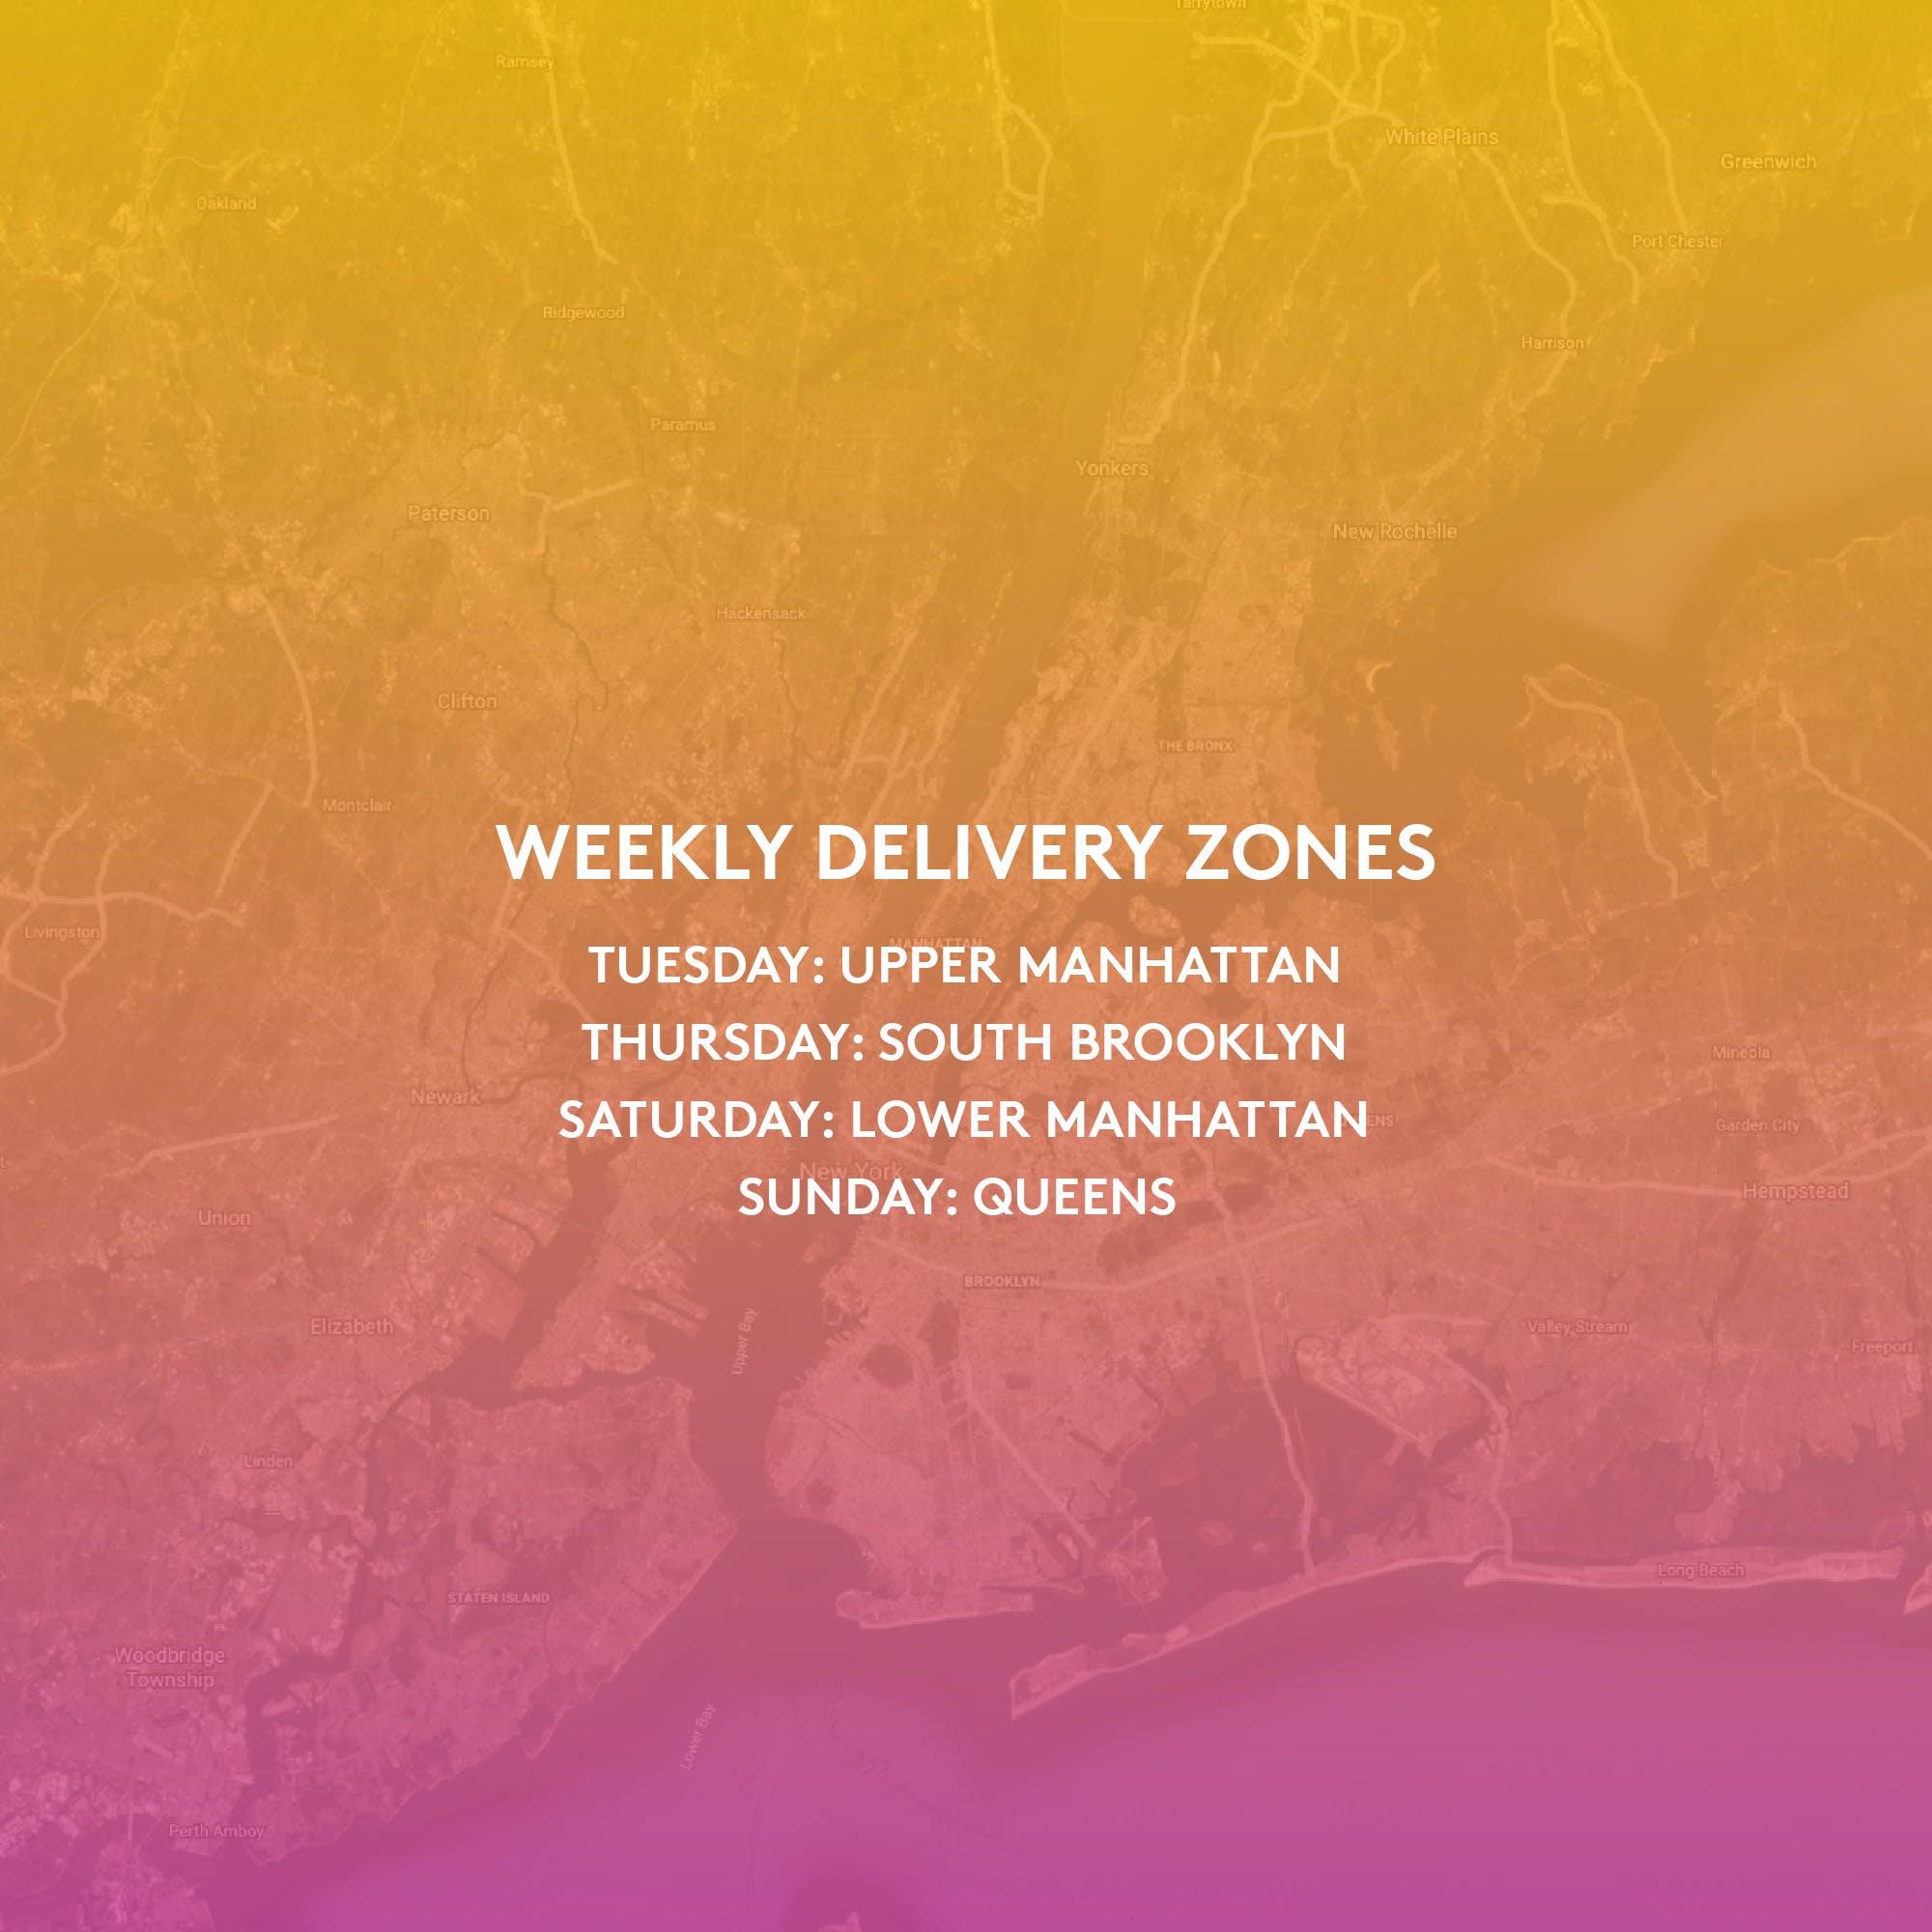 OHB_Delivery_Weekof511-Zones